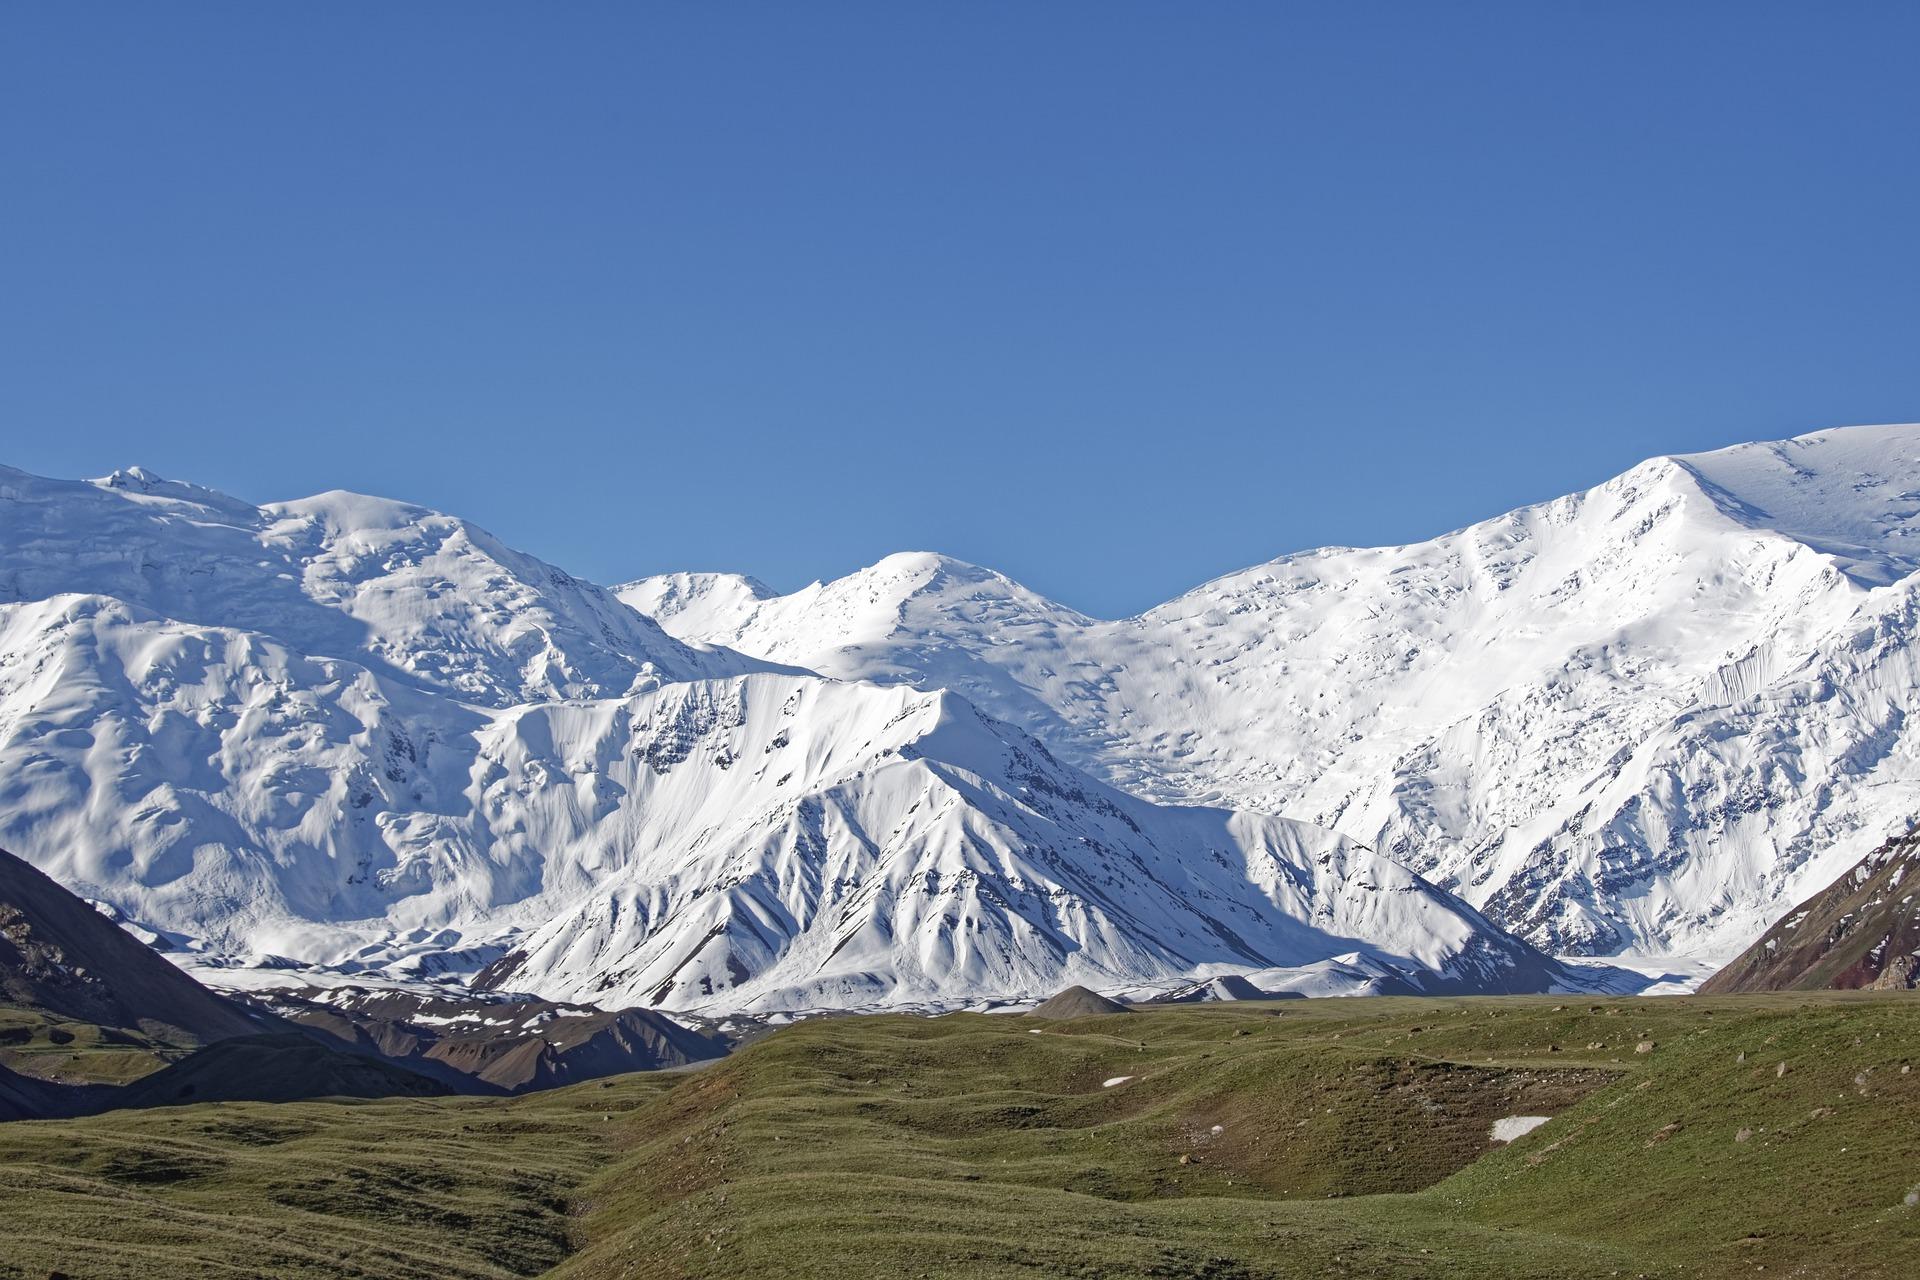 kyrgyzstan-4757433_1920